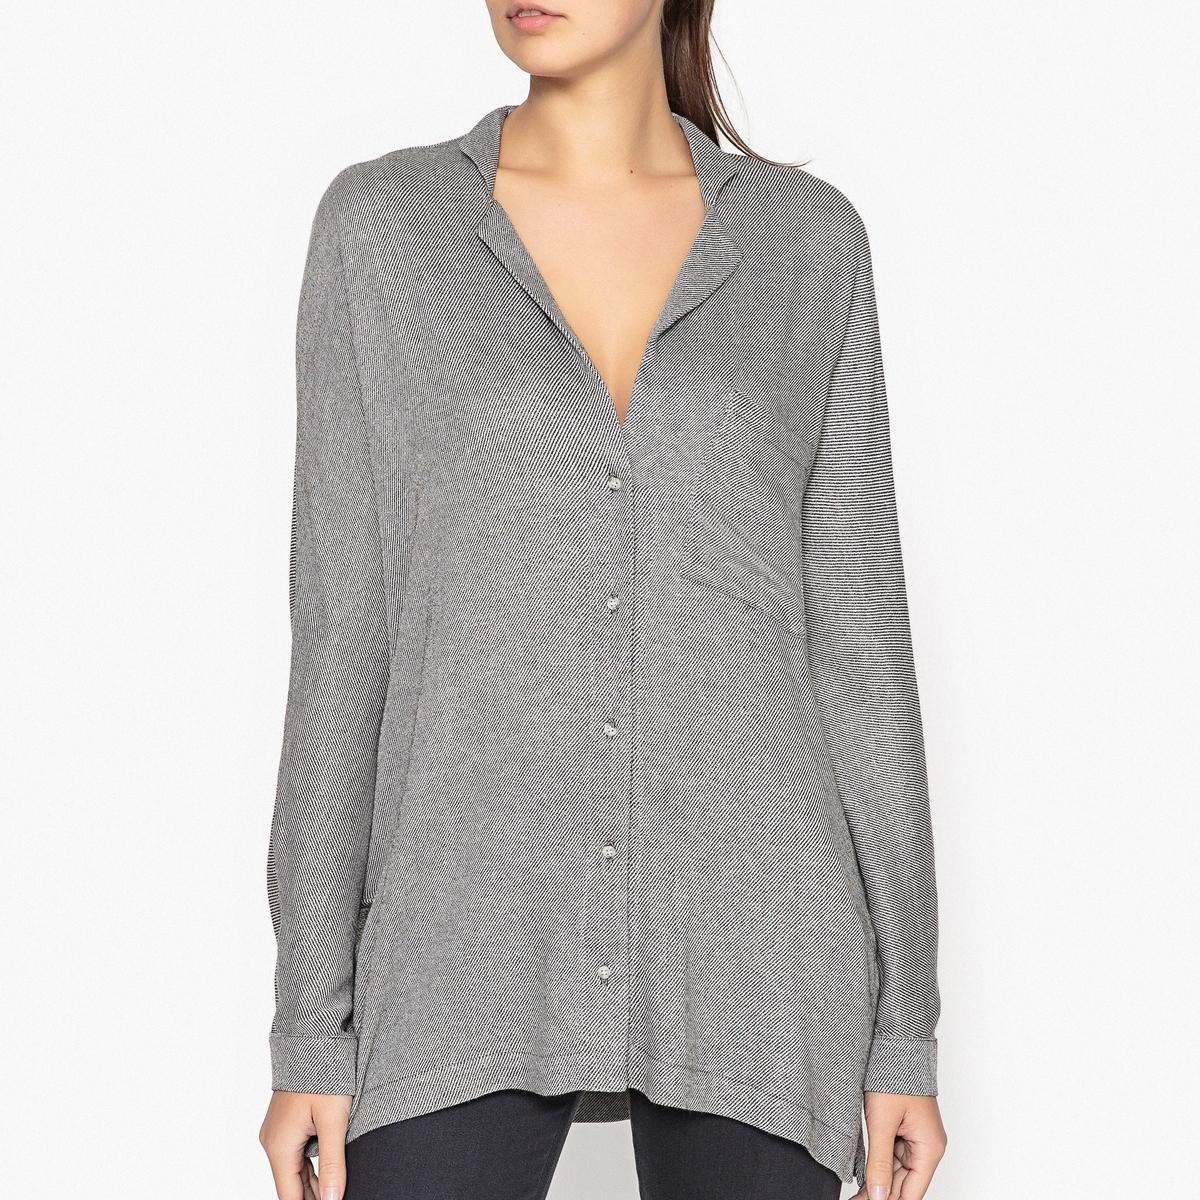 Рубашка с V-образным вырезом NEILОписание:Рубашка с длинными рукавами MARGAUX LONNBERG - модель NEIL с V-образным вырезом и нагрудным карманом.Детали •  Длинные рукава •  Прямой покрой  •   V-образный вырезСостав и уход •  80% вискозы, 20% шерсти •  Следуйте советам по уходу, указанным на этикетке<br><br>Цвет: антрацит